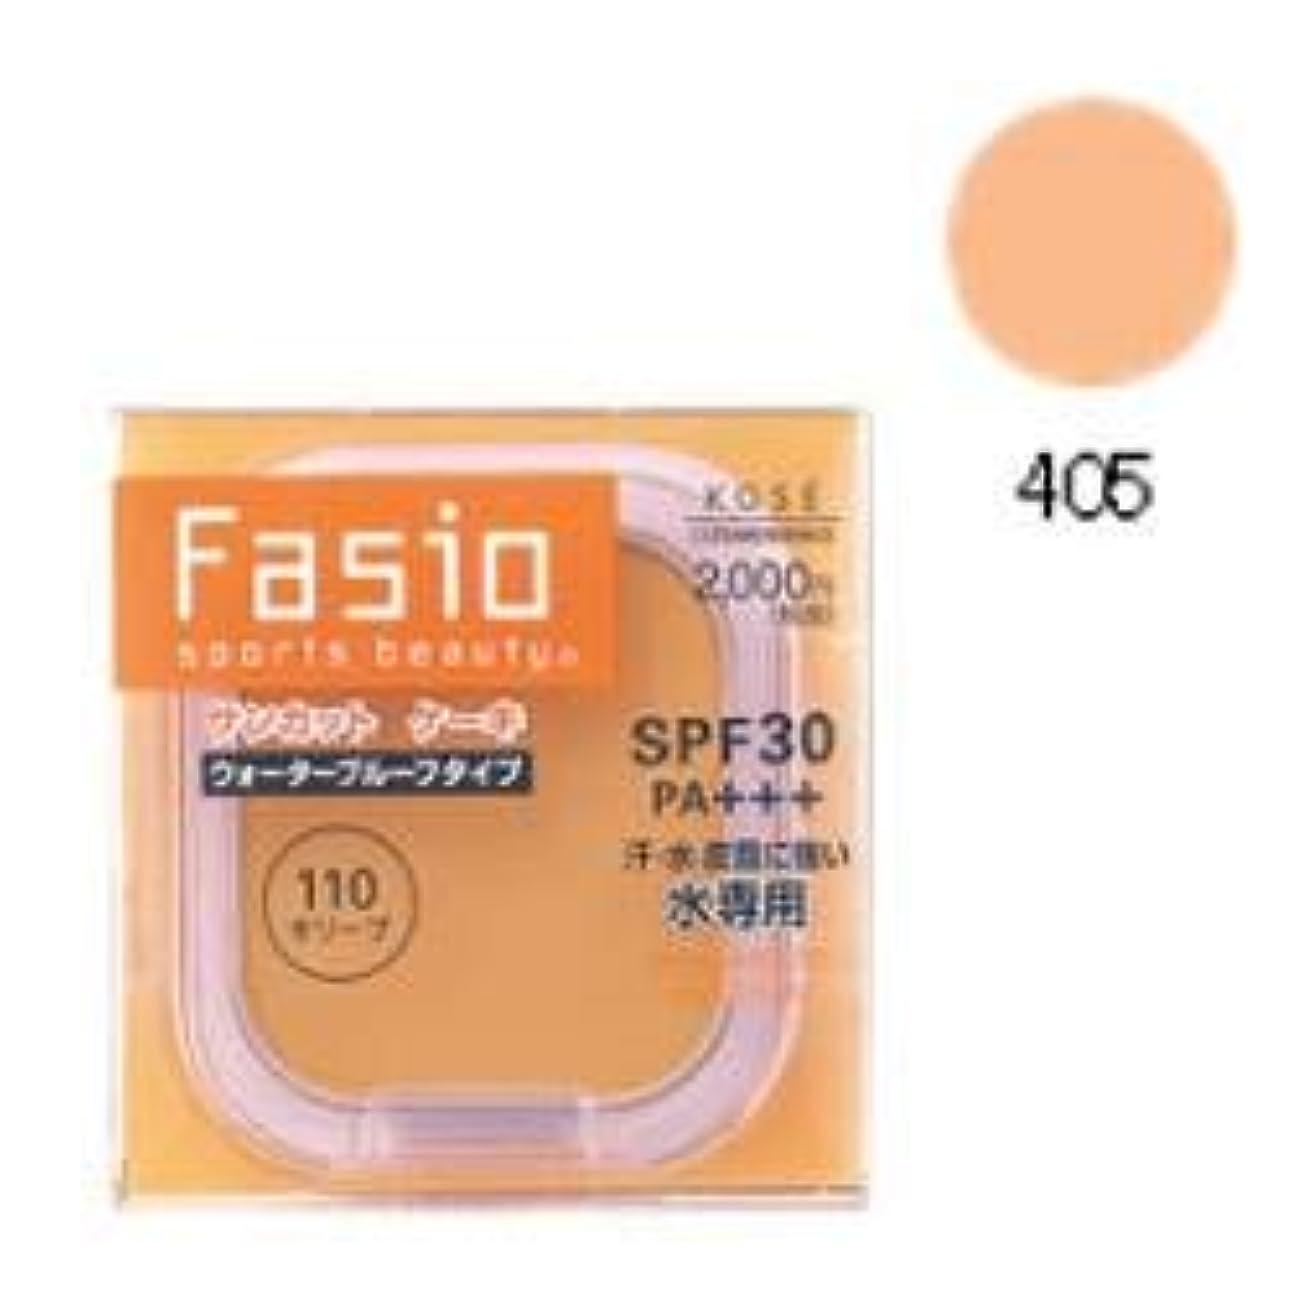 敬意を表する失礼成長するコーセー Fasio ファシオ サンカット ケーキ 詰め替え用 405